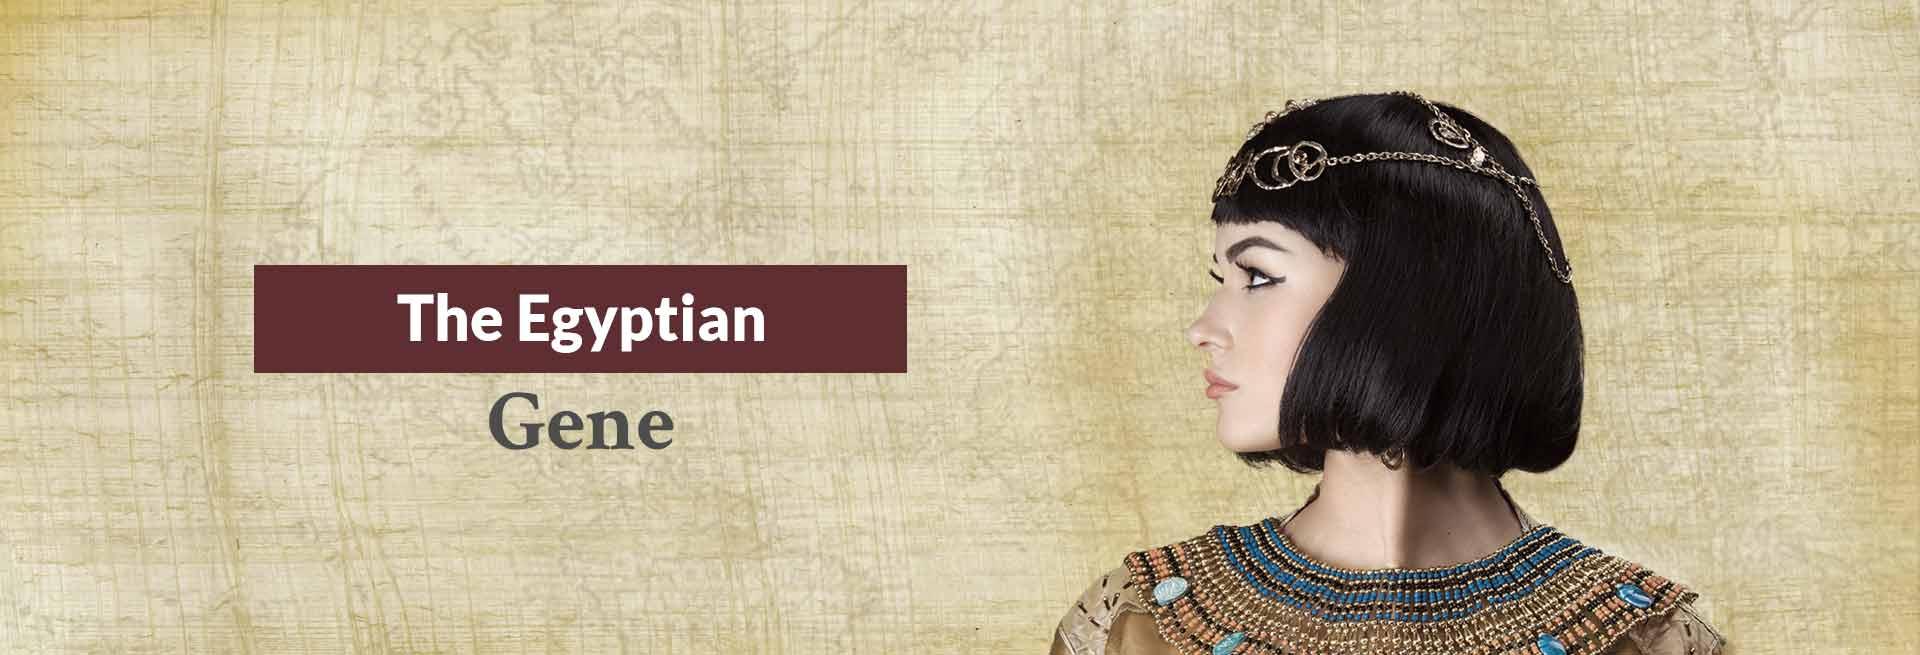 The Egyptian Gene Banner